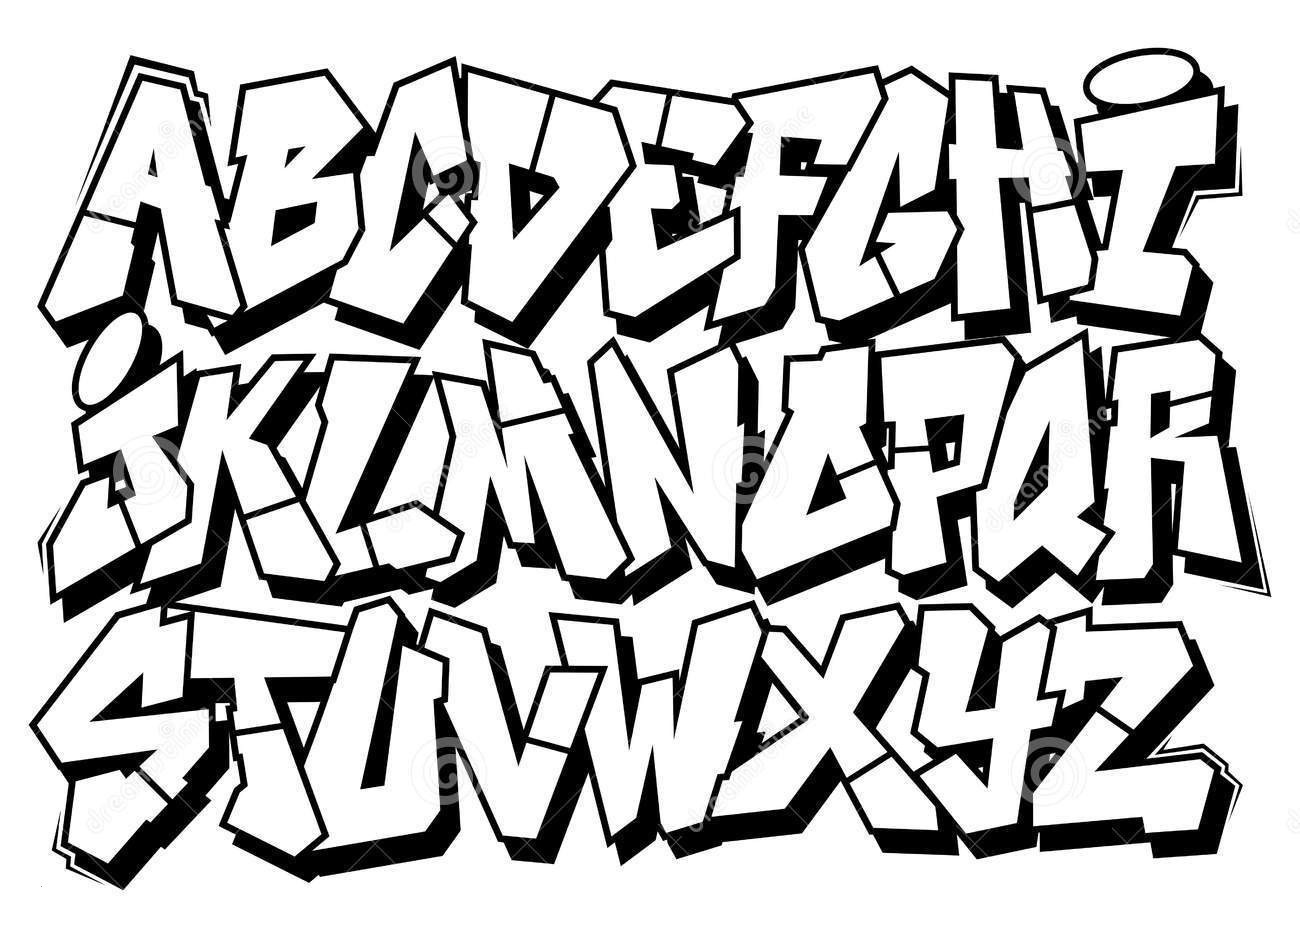 Graffiti Ausmalbilder Namen Einzigartig Graffiti Vorlagen Elegant Graffiti Malvorlagen Schön Ausmalbilder Bild